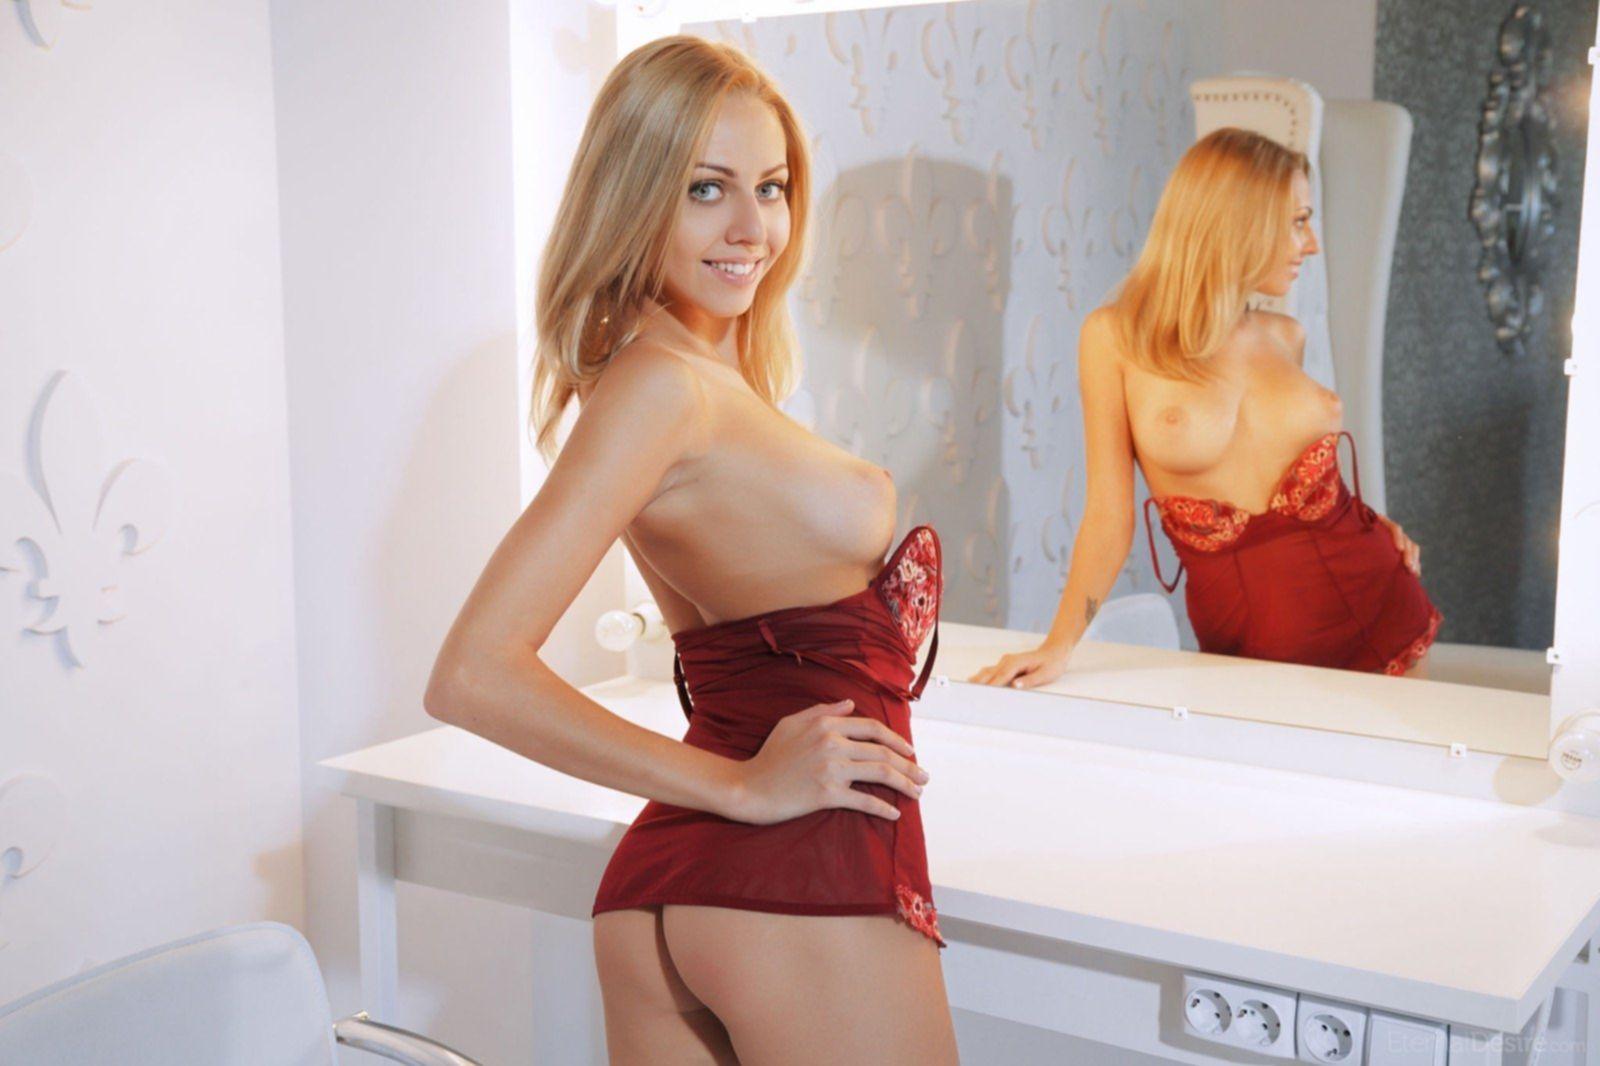 Грудастая блондинка без трусов в пеьюаре - фото